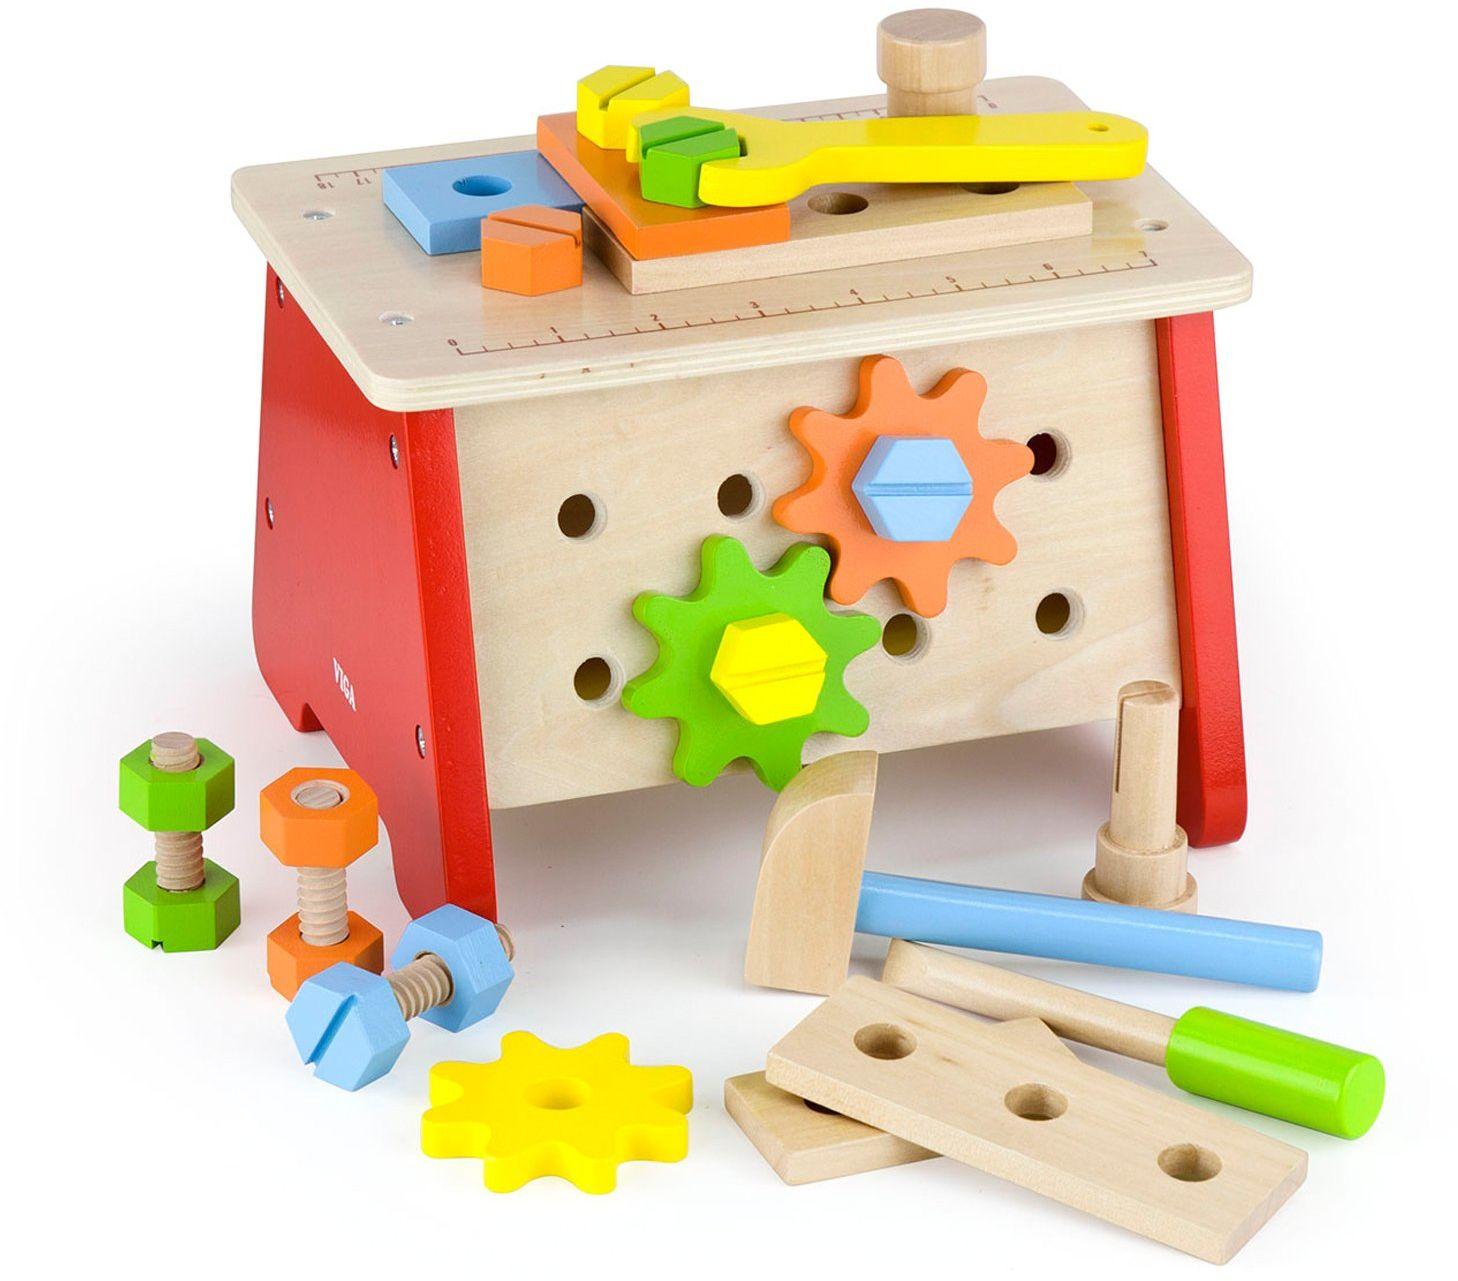 Viga Zabawki - 51621 - stół warsztatowy